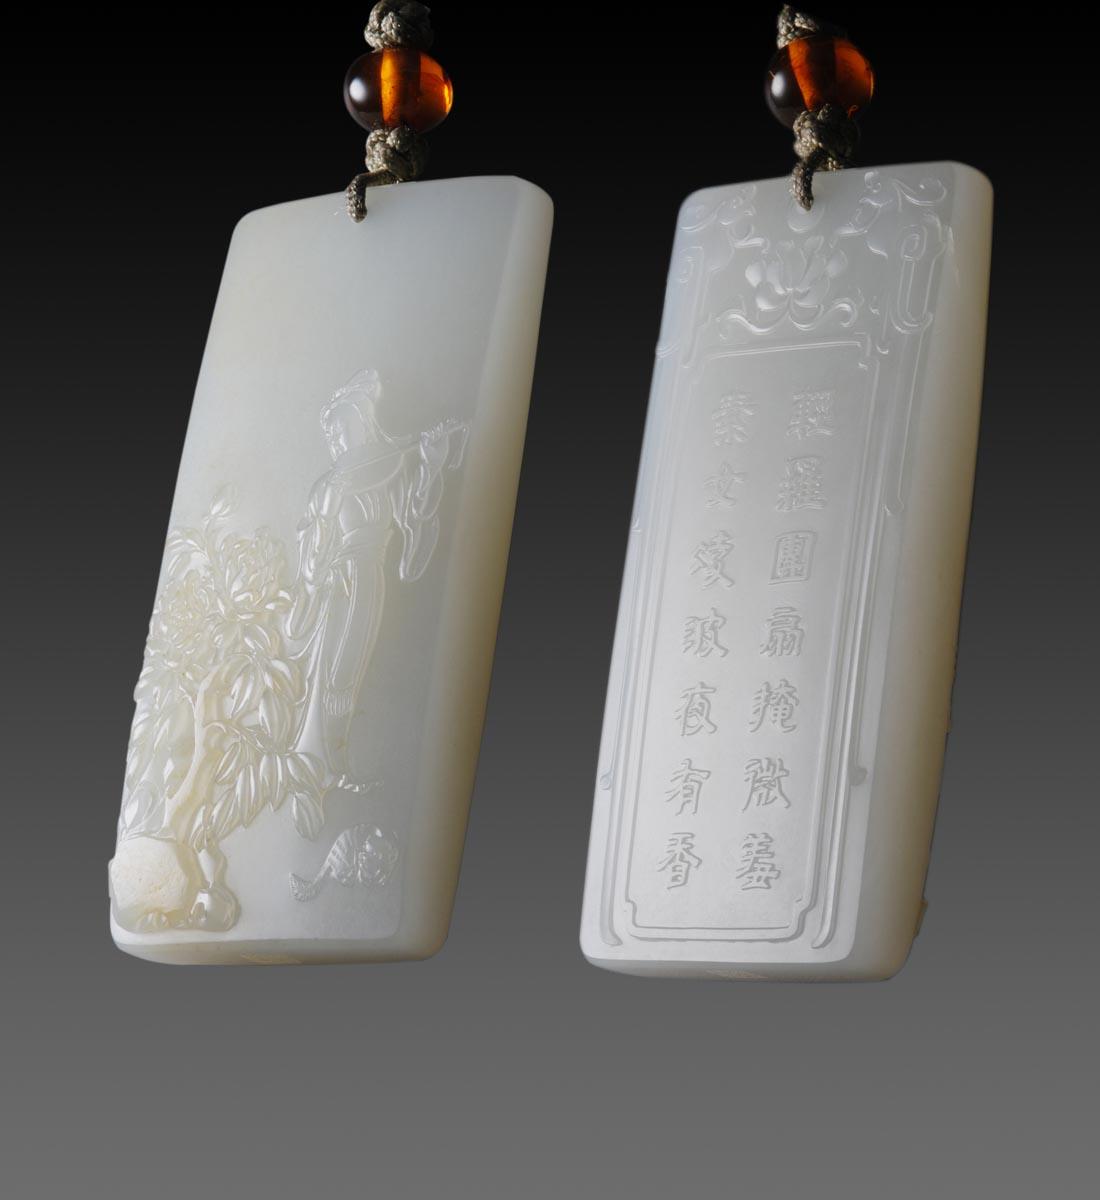 皮雕成牡丹与寿石,仕女手执团扇略遮脸庞